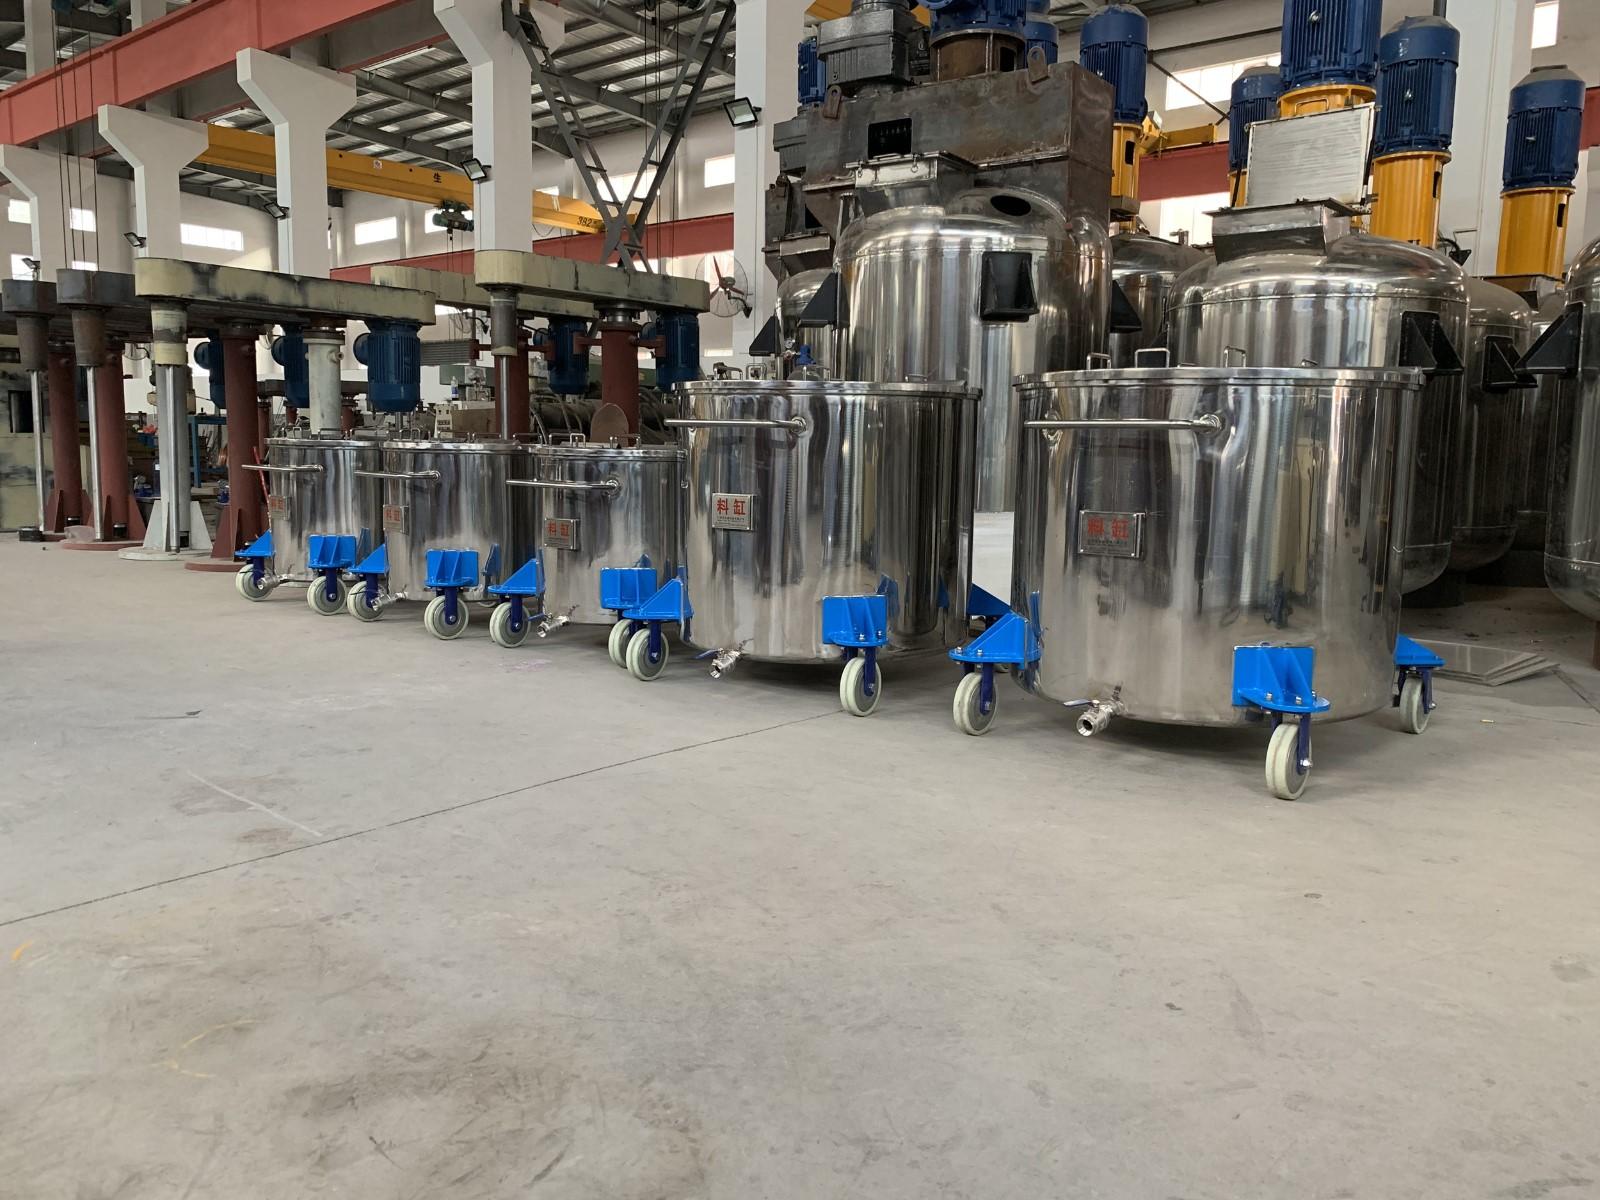 正规化工涂料制造_化工涂料制造供应厂家相关-江阴市永威机械有限公司